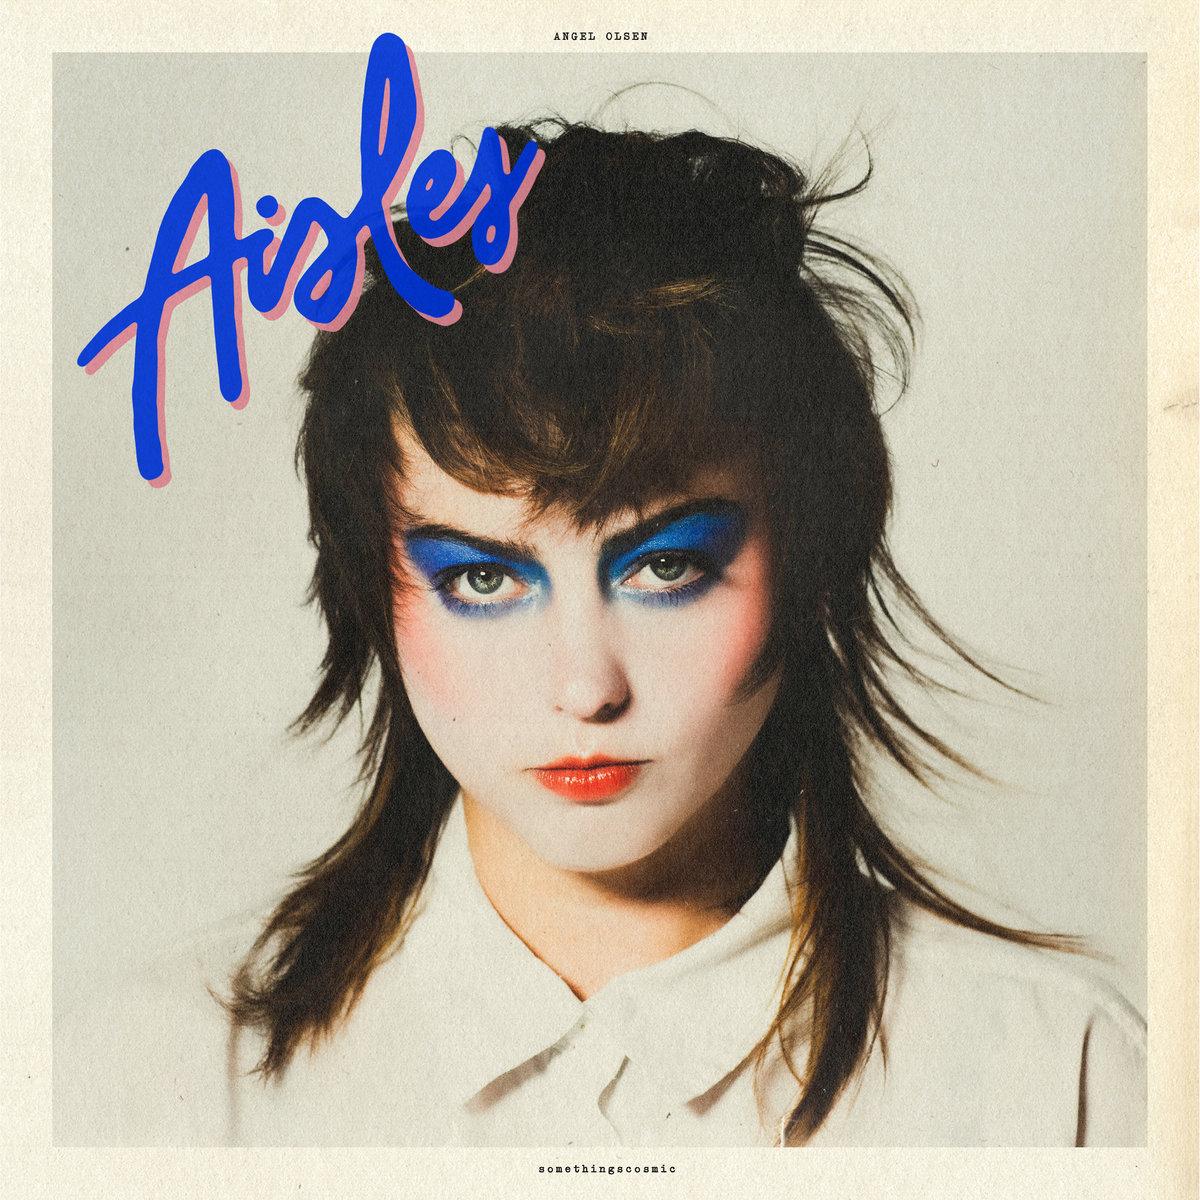 Hear Angel Olsen Cover OMD & Alphaville On New '80s Covers EP